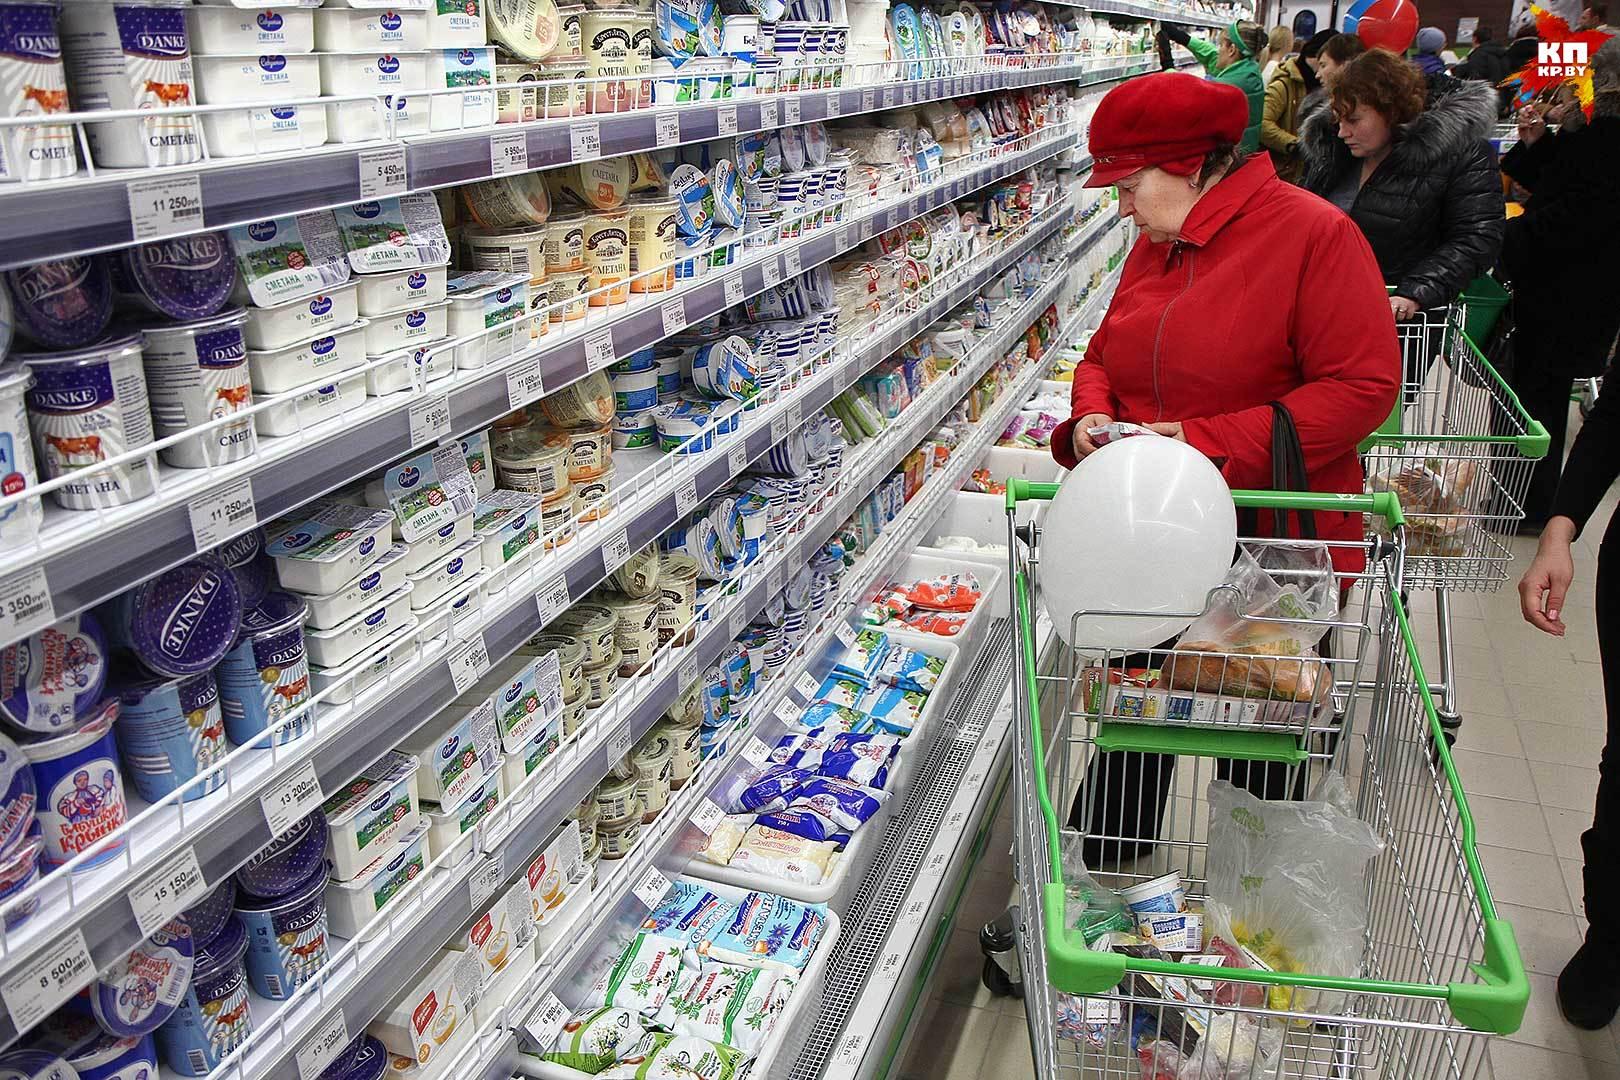 Российскую сторону не устроило то, что Беларусь закупает польское молоко, перерабатывает его и отправляет молочные продукты в Россию.